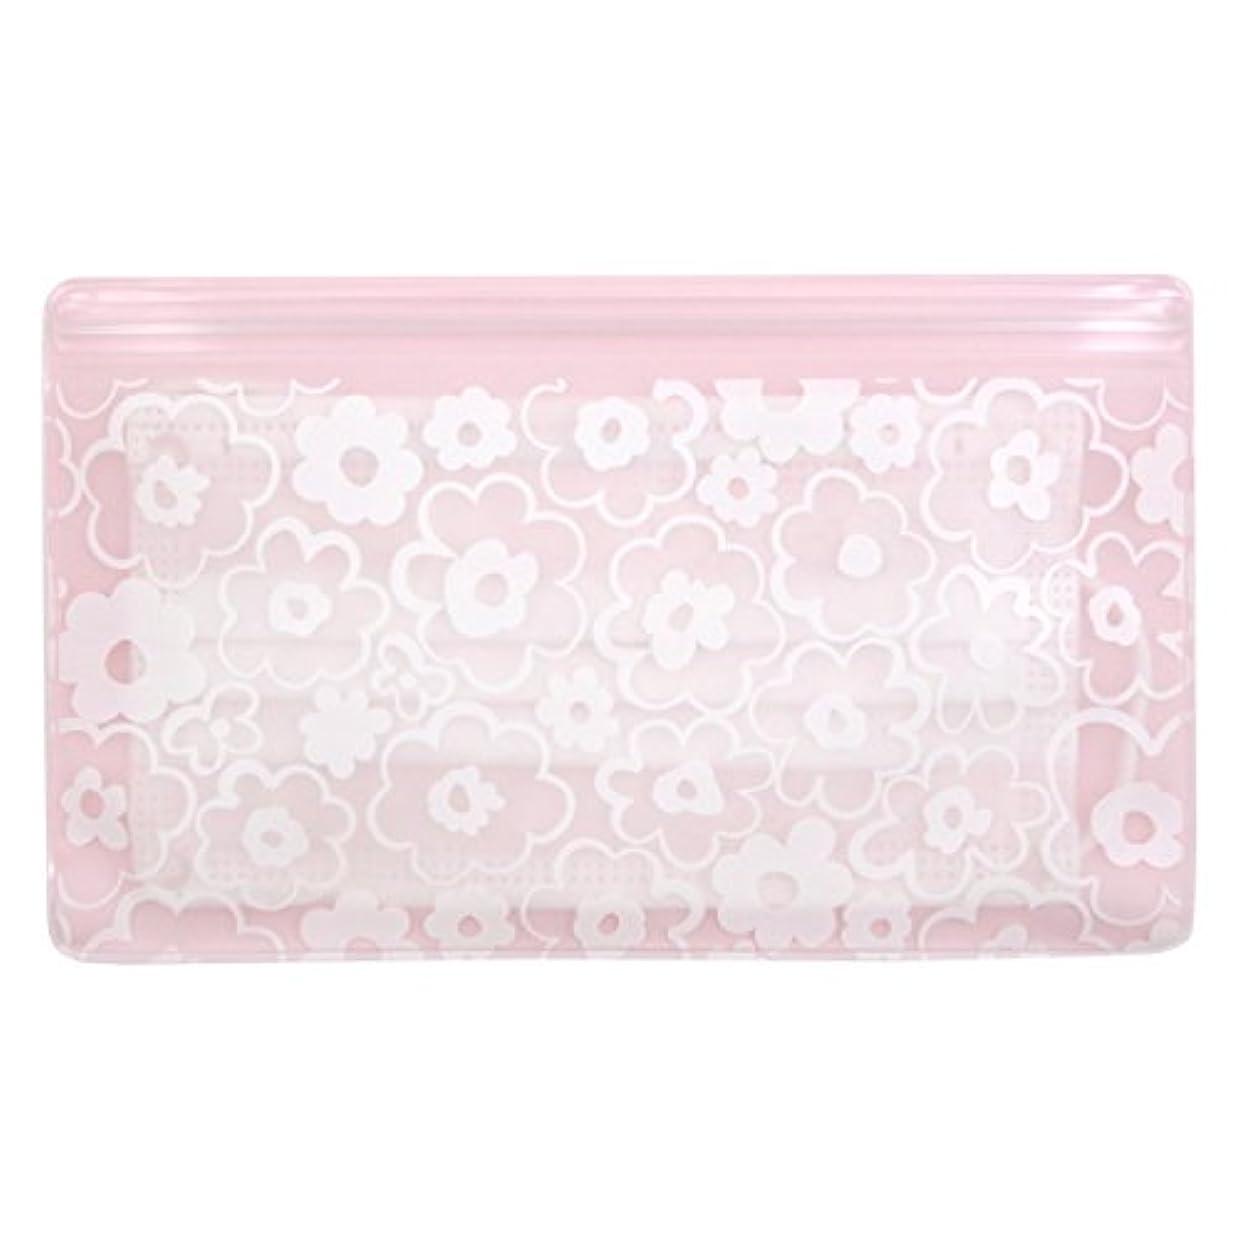 裁定事務所自分のために抗菌マスクケース Wポケット 花柄ピンク いやあらっくす